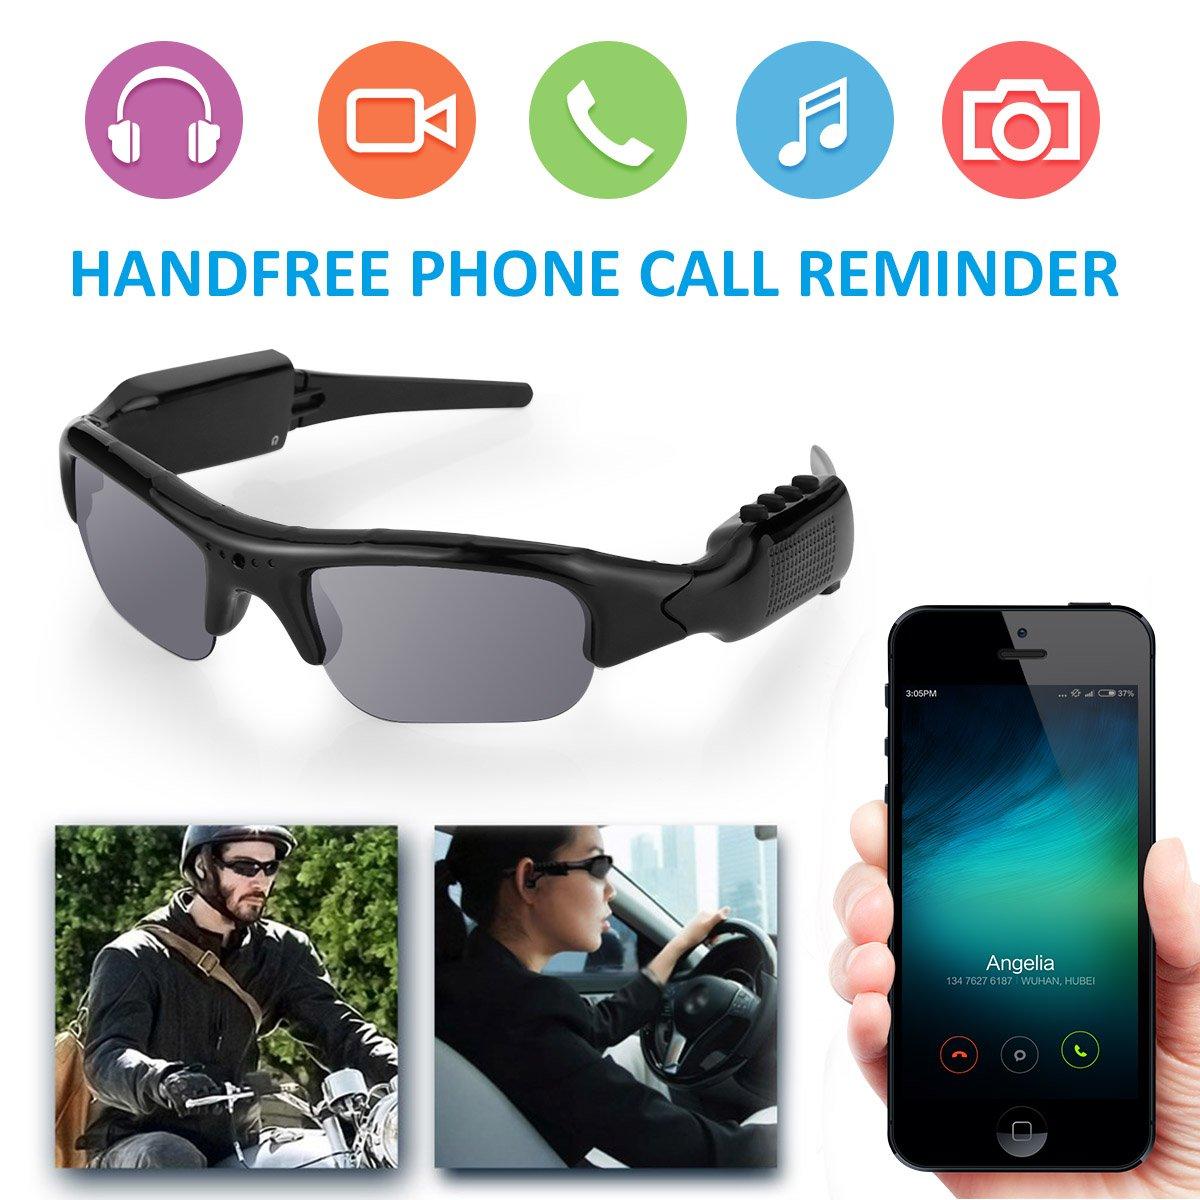 Diggro Gafas de sol de la cámara de grabación de Bluetooth 4.0 1080P HD Video Recorder y Fotografía Gafas Polarizadas Gafas Protectoras de Apoyo Micro 32GB ...